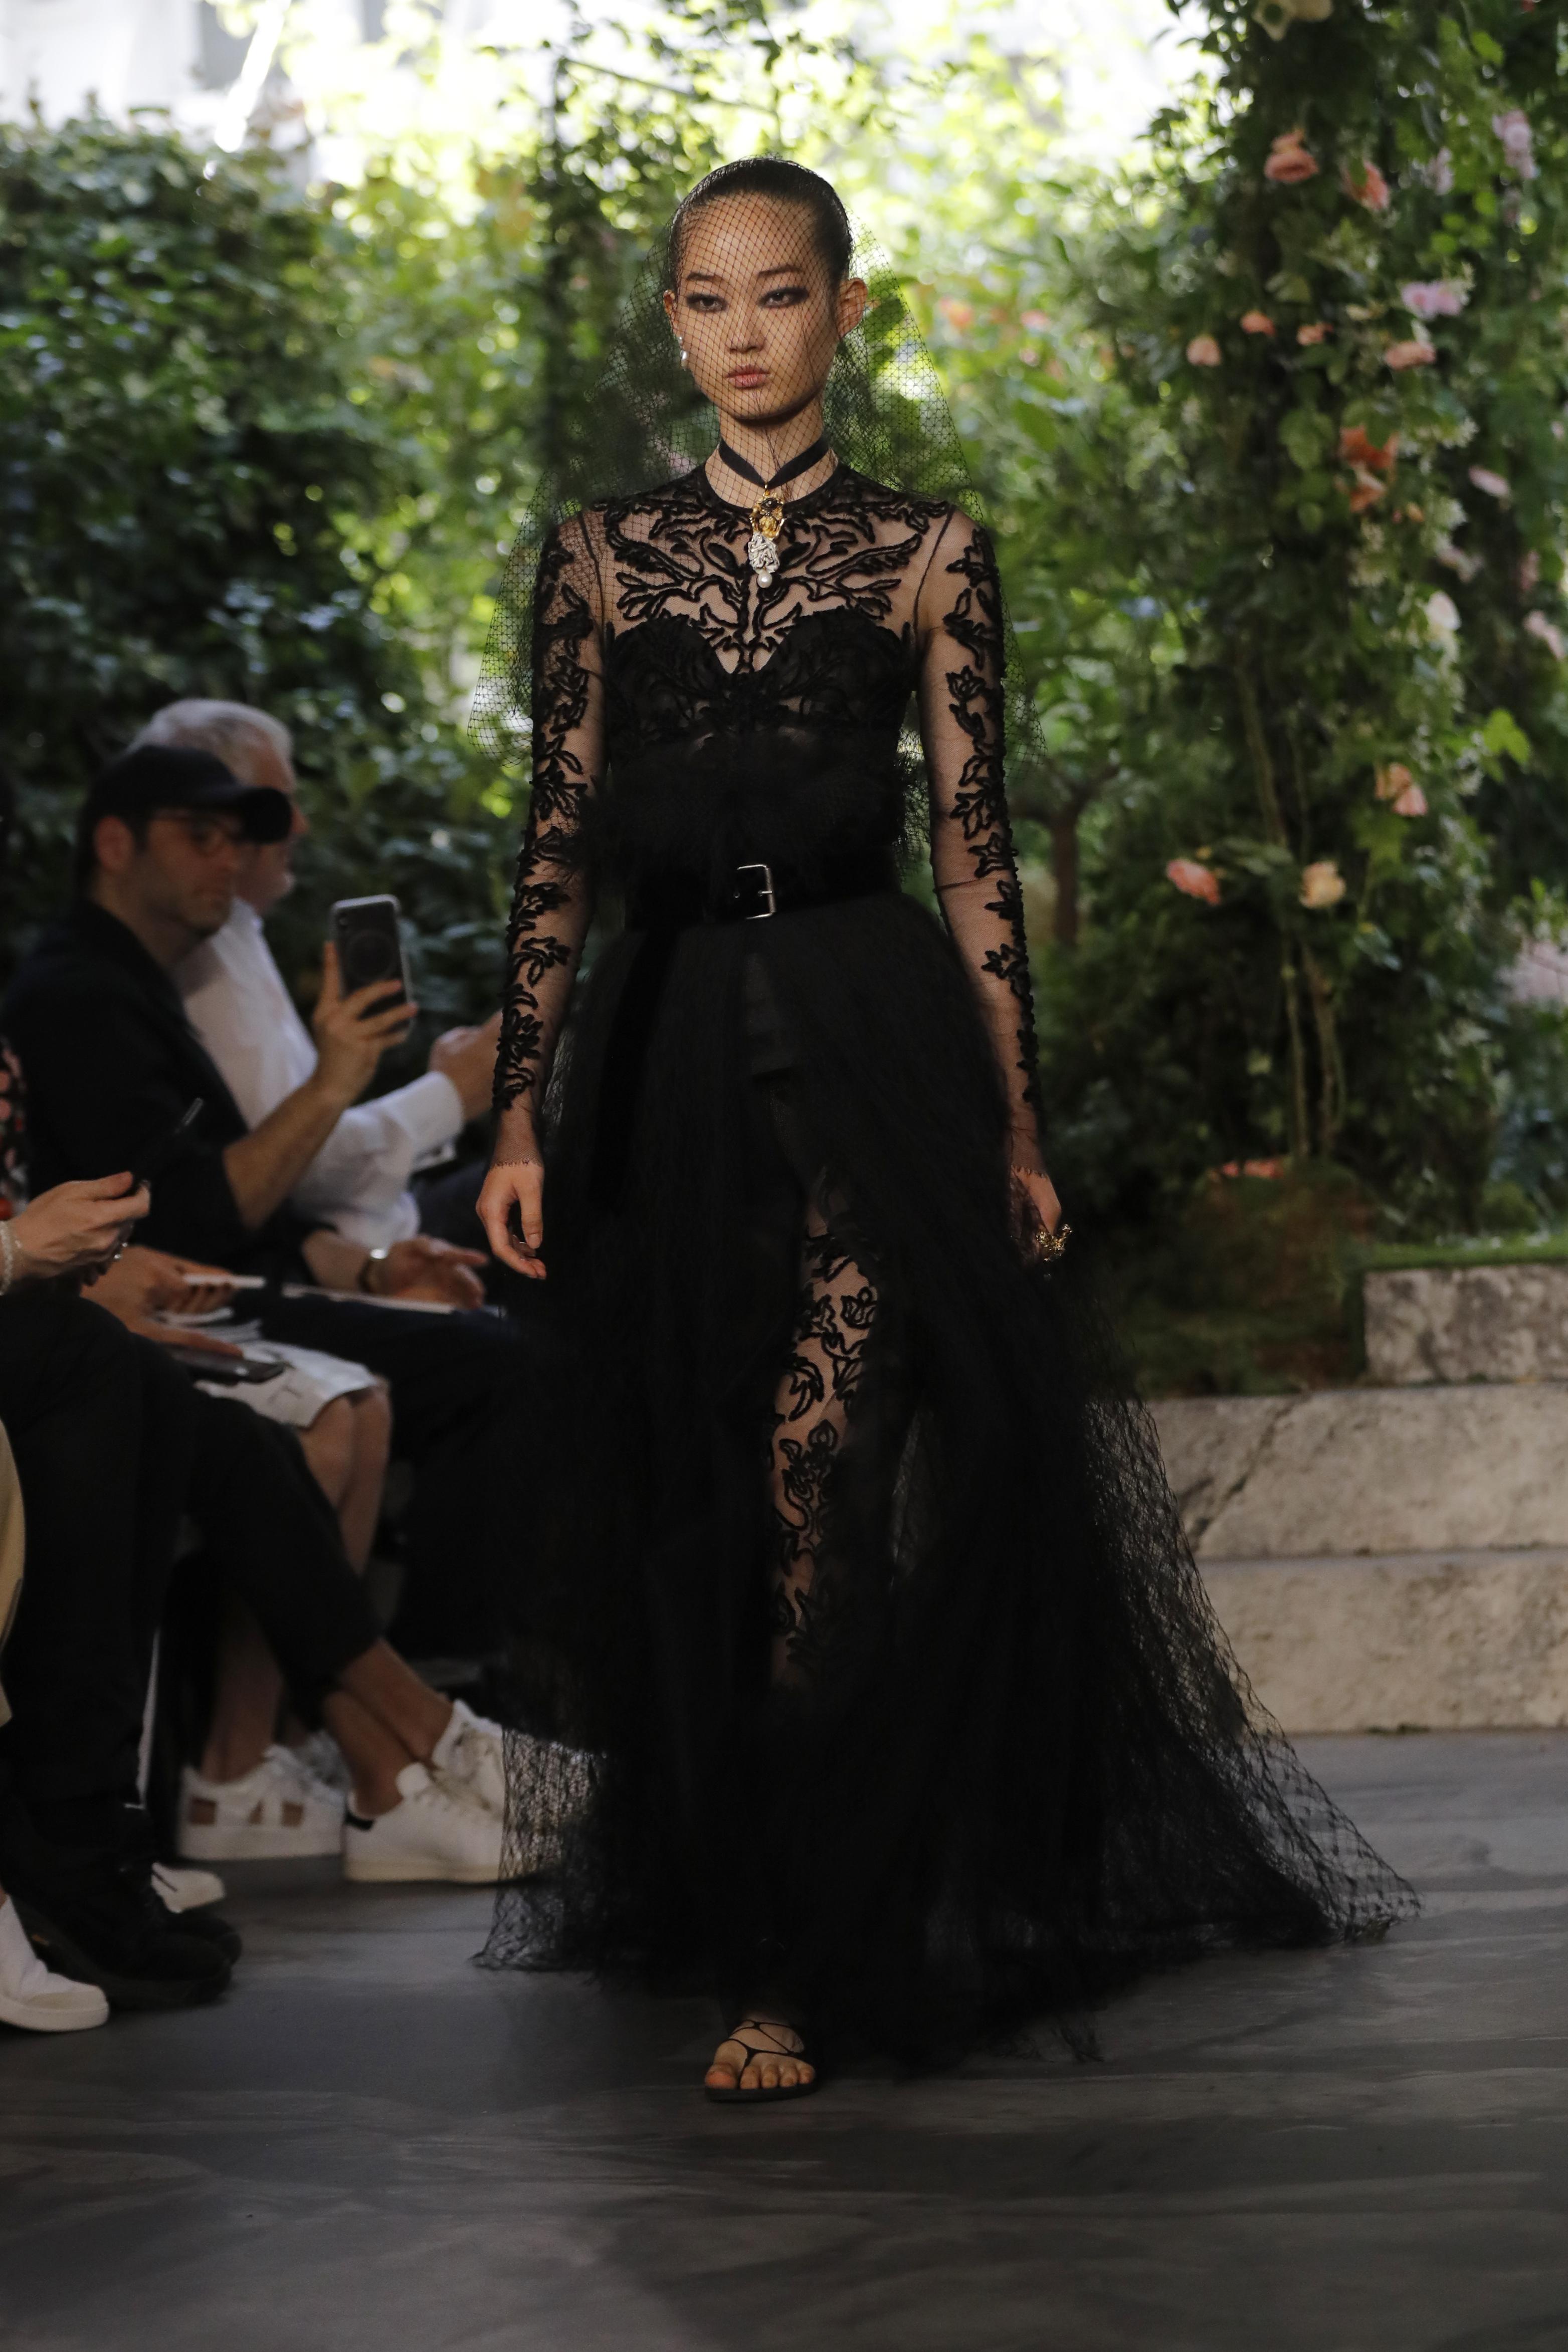 Las actrices Gal Gador, Shailene Woodley y Elisabeth Moss asistieron al evento. Así como Priyanka Chopra acompañada de Nick Jonas. (AP)